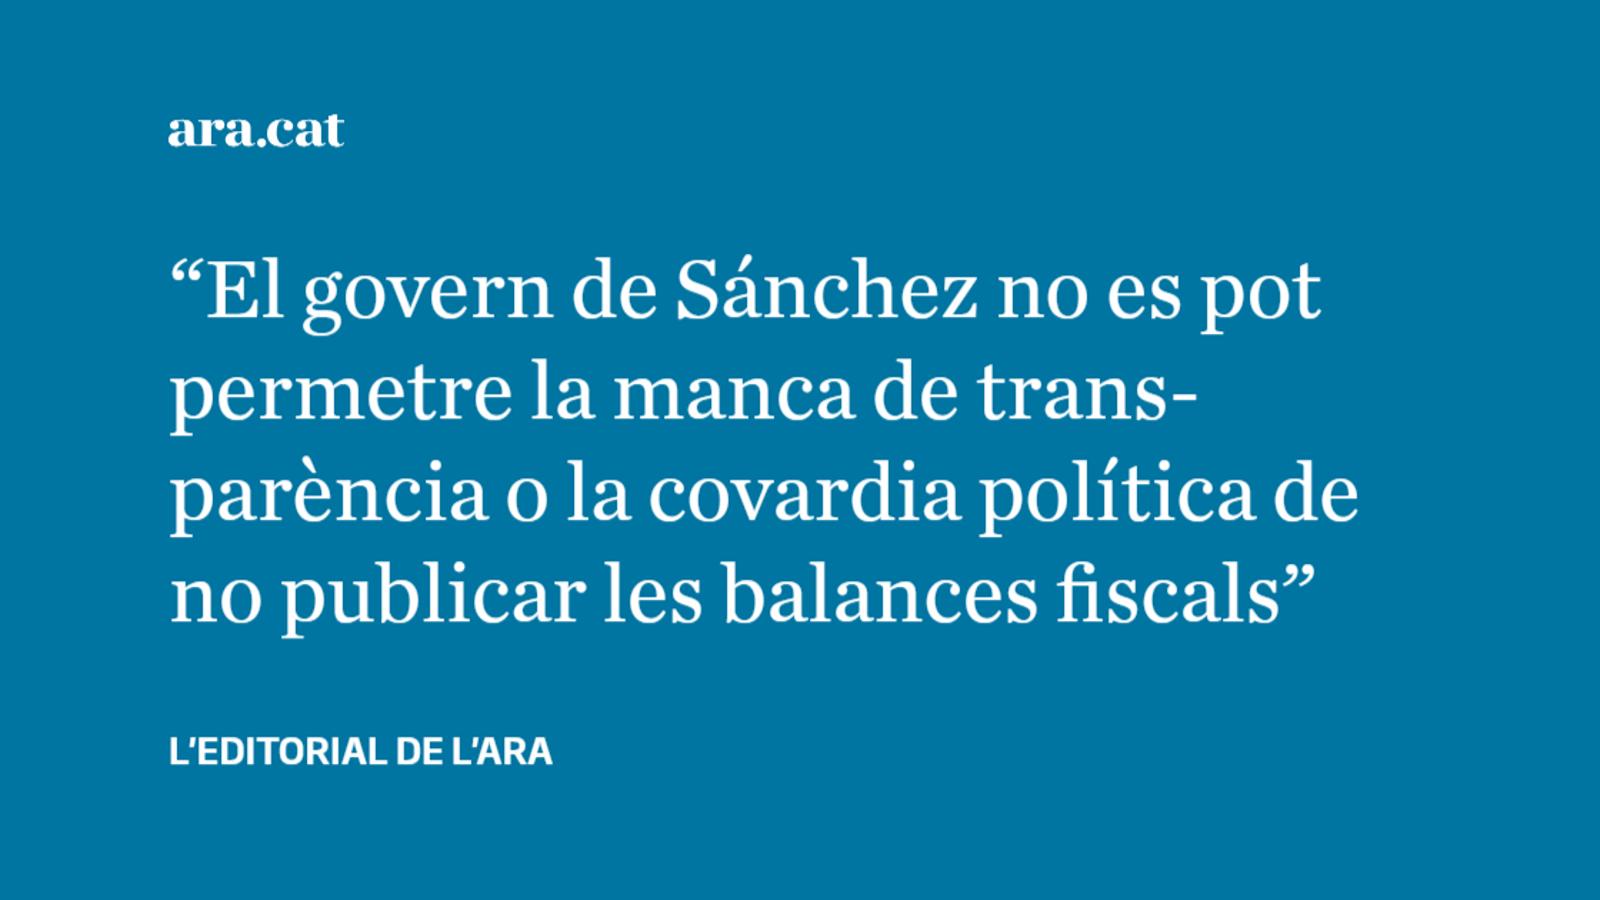 Les balances fiscals són  una exigència democràtica